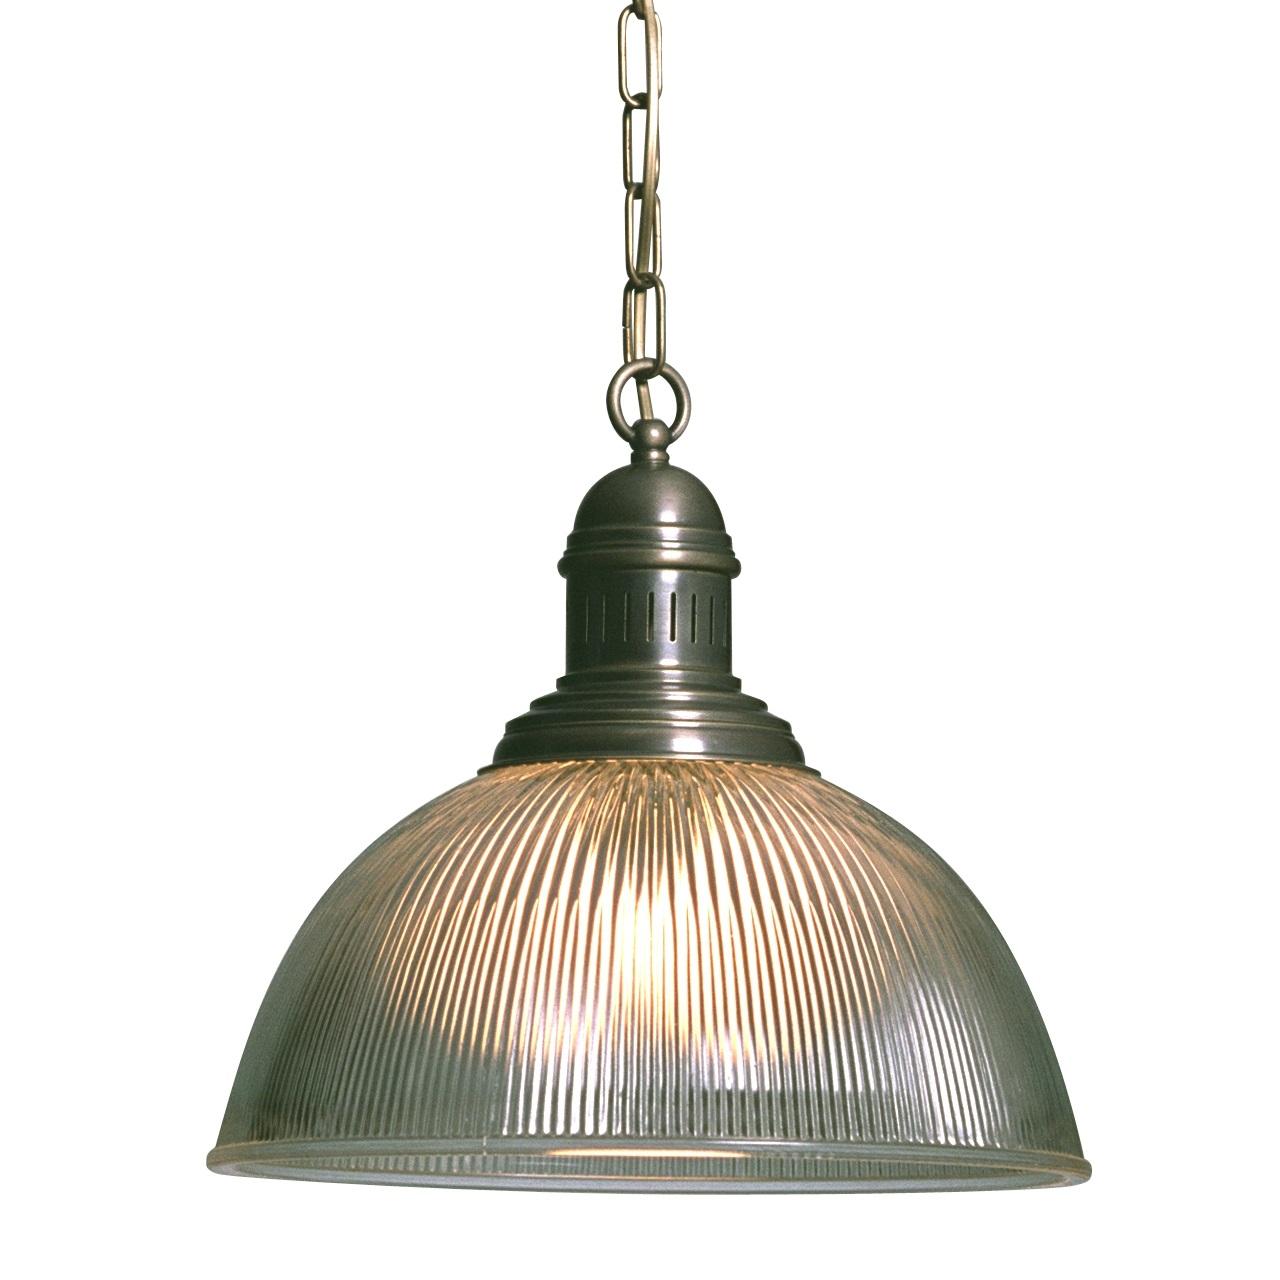 Industriele Hanglamp Keuken : Hanglamp Glas kopen? Online op Stoerelampen.nl